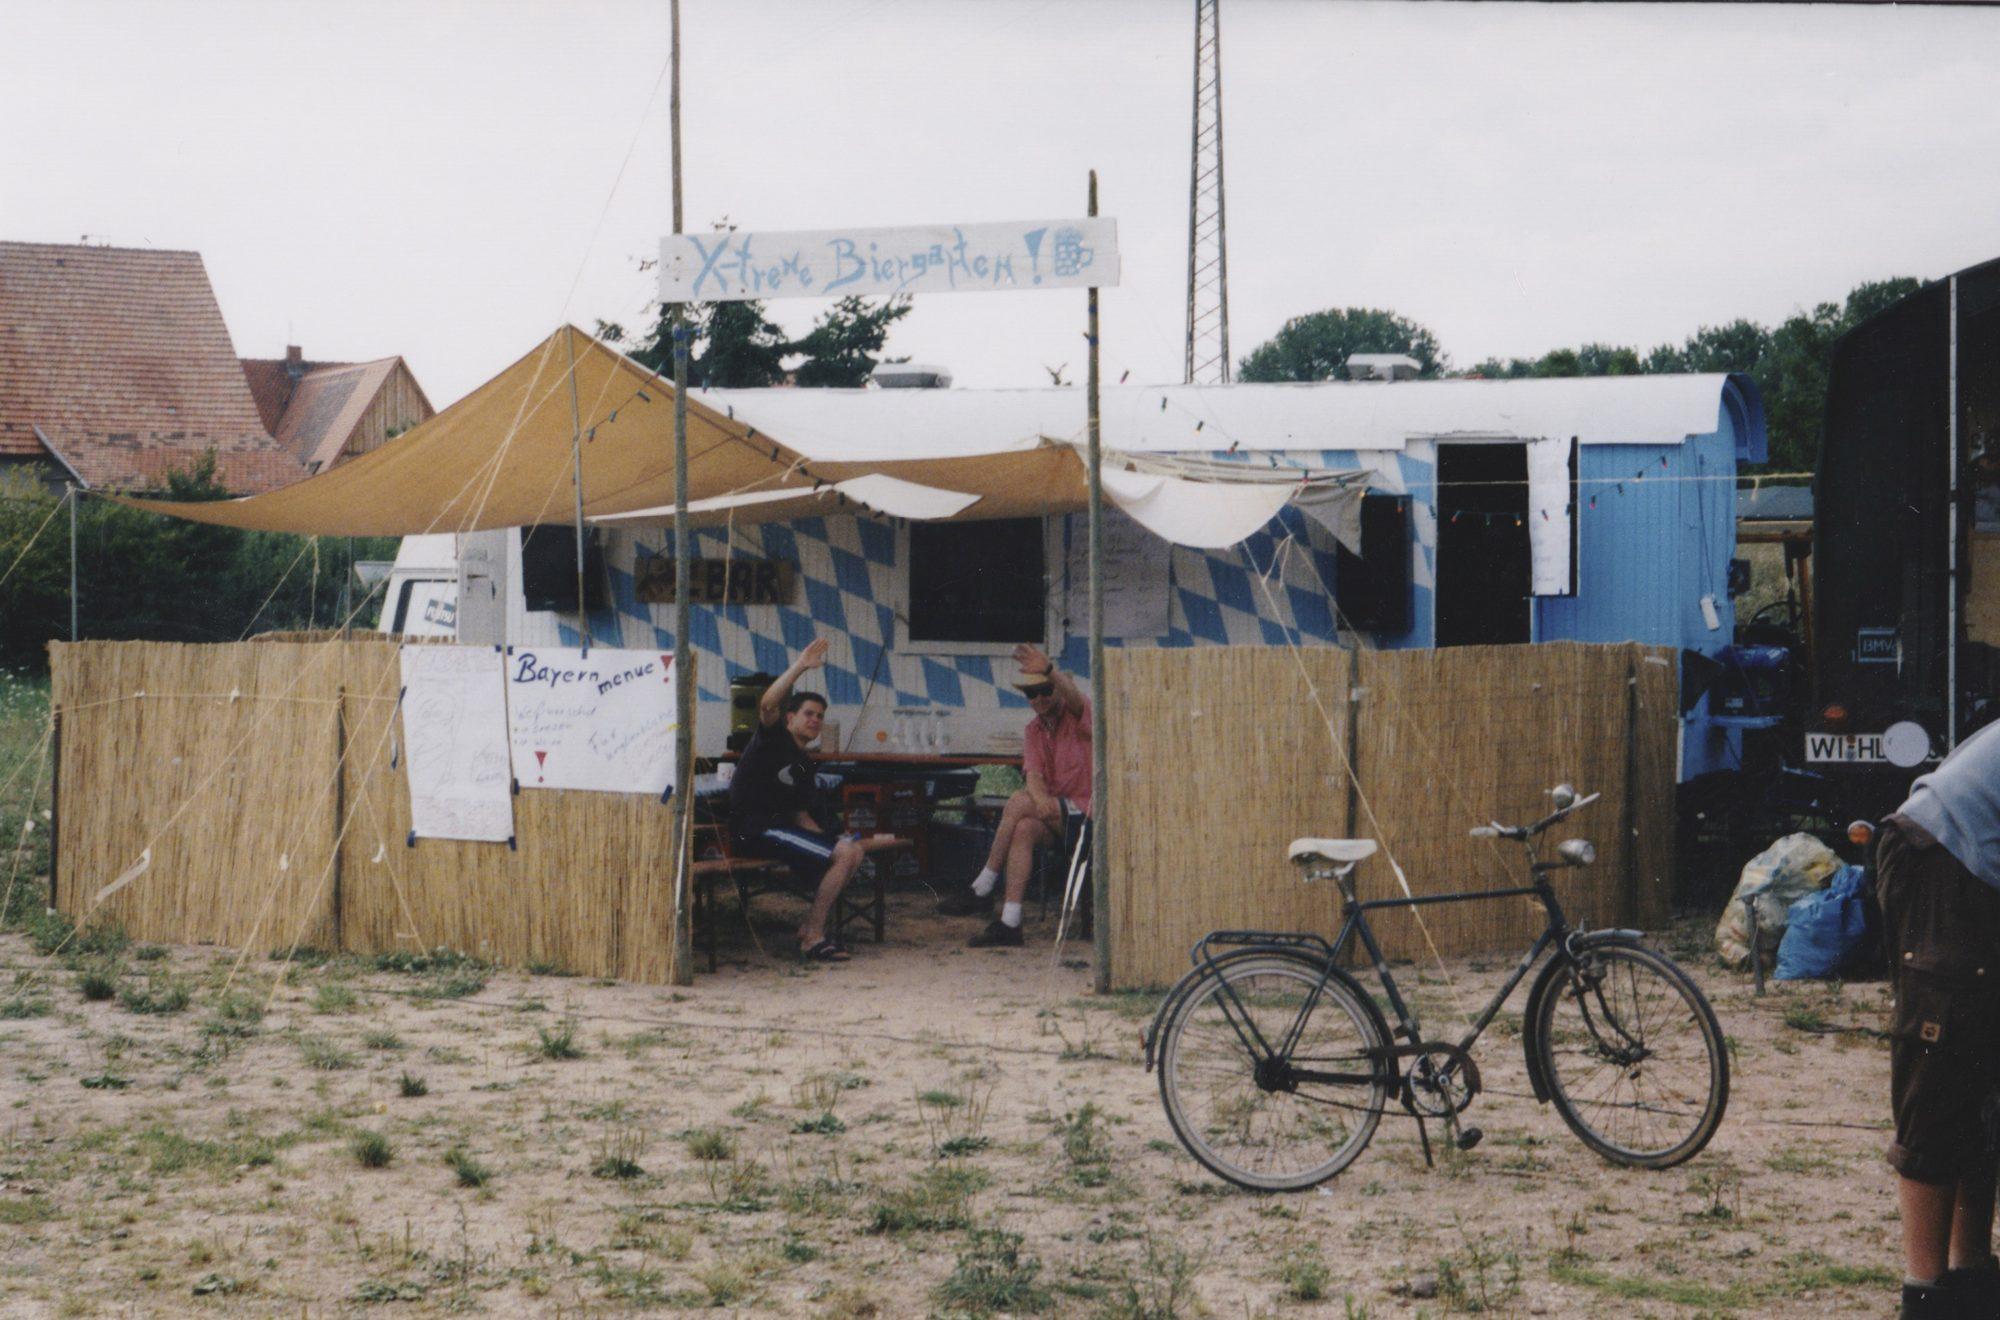 Sommer 1999 - Mit einem 11m Gespann zwei Wochen lang durch die Pfalz.